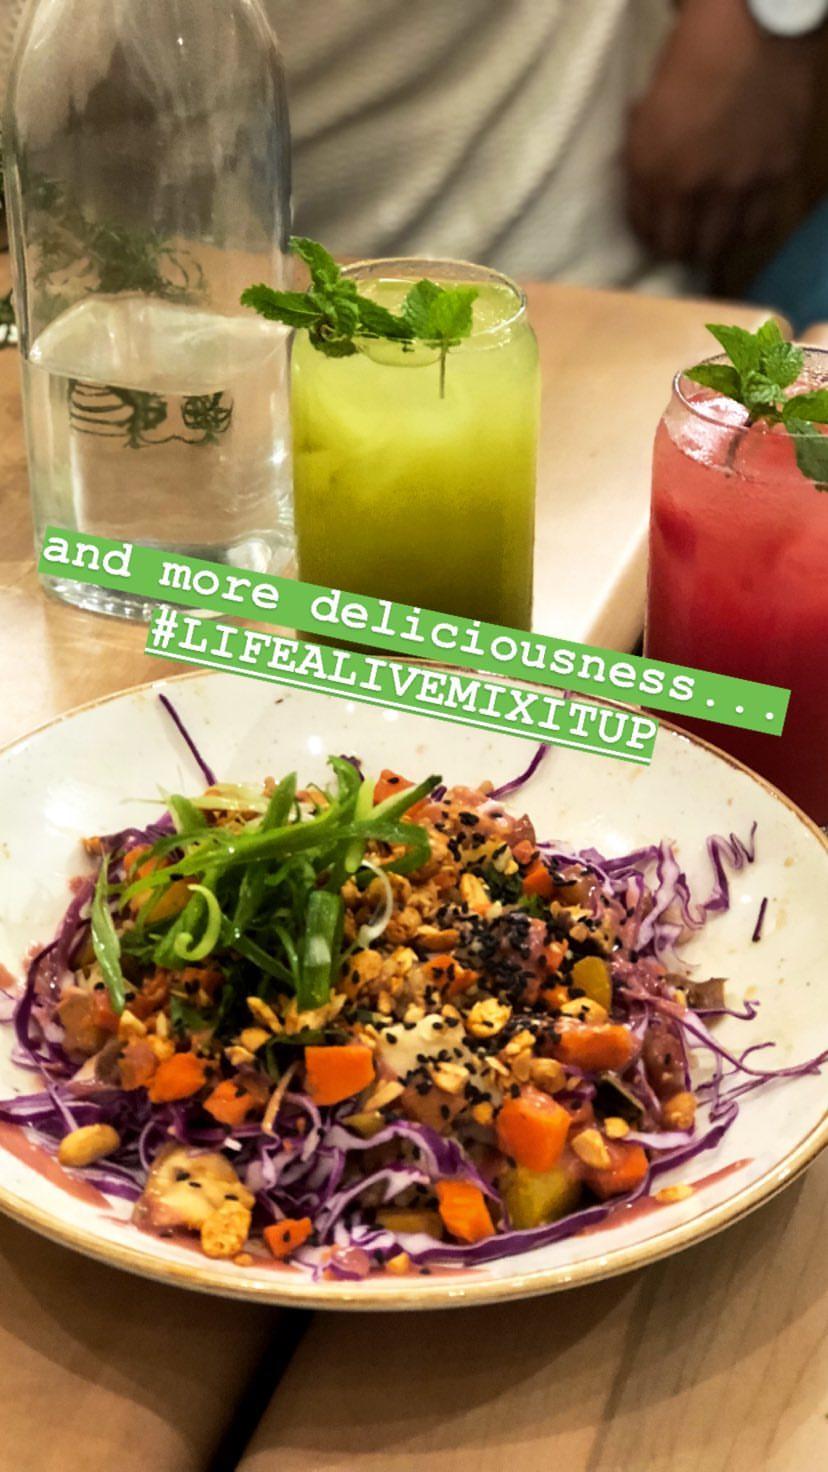 2018.09.20_eatrunandallinbetween, Instagram Story_Life Alive Brookline03.jpg